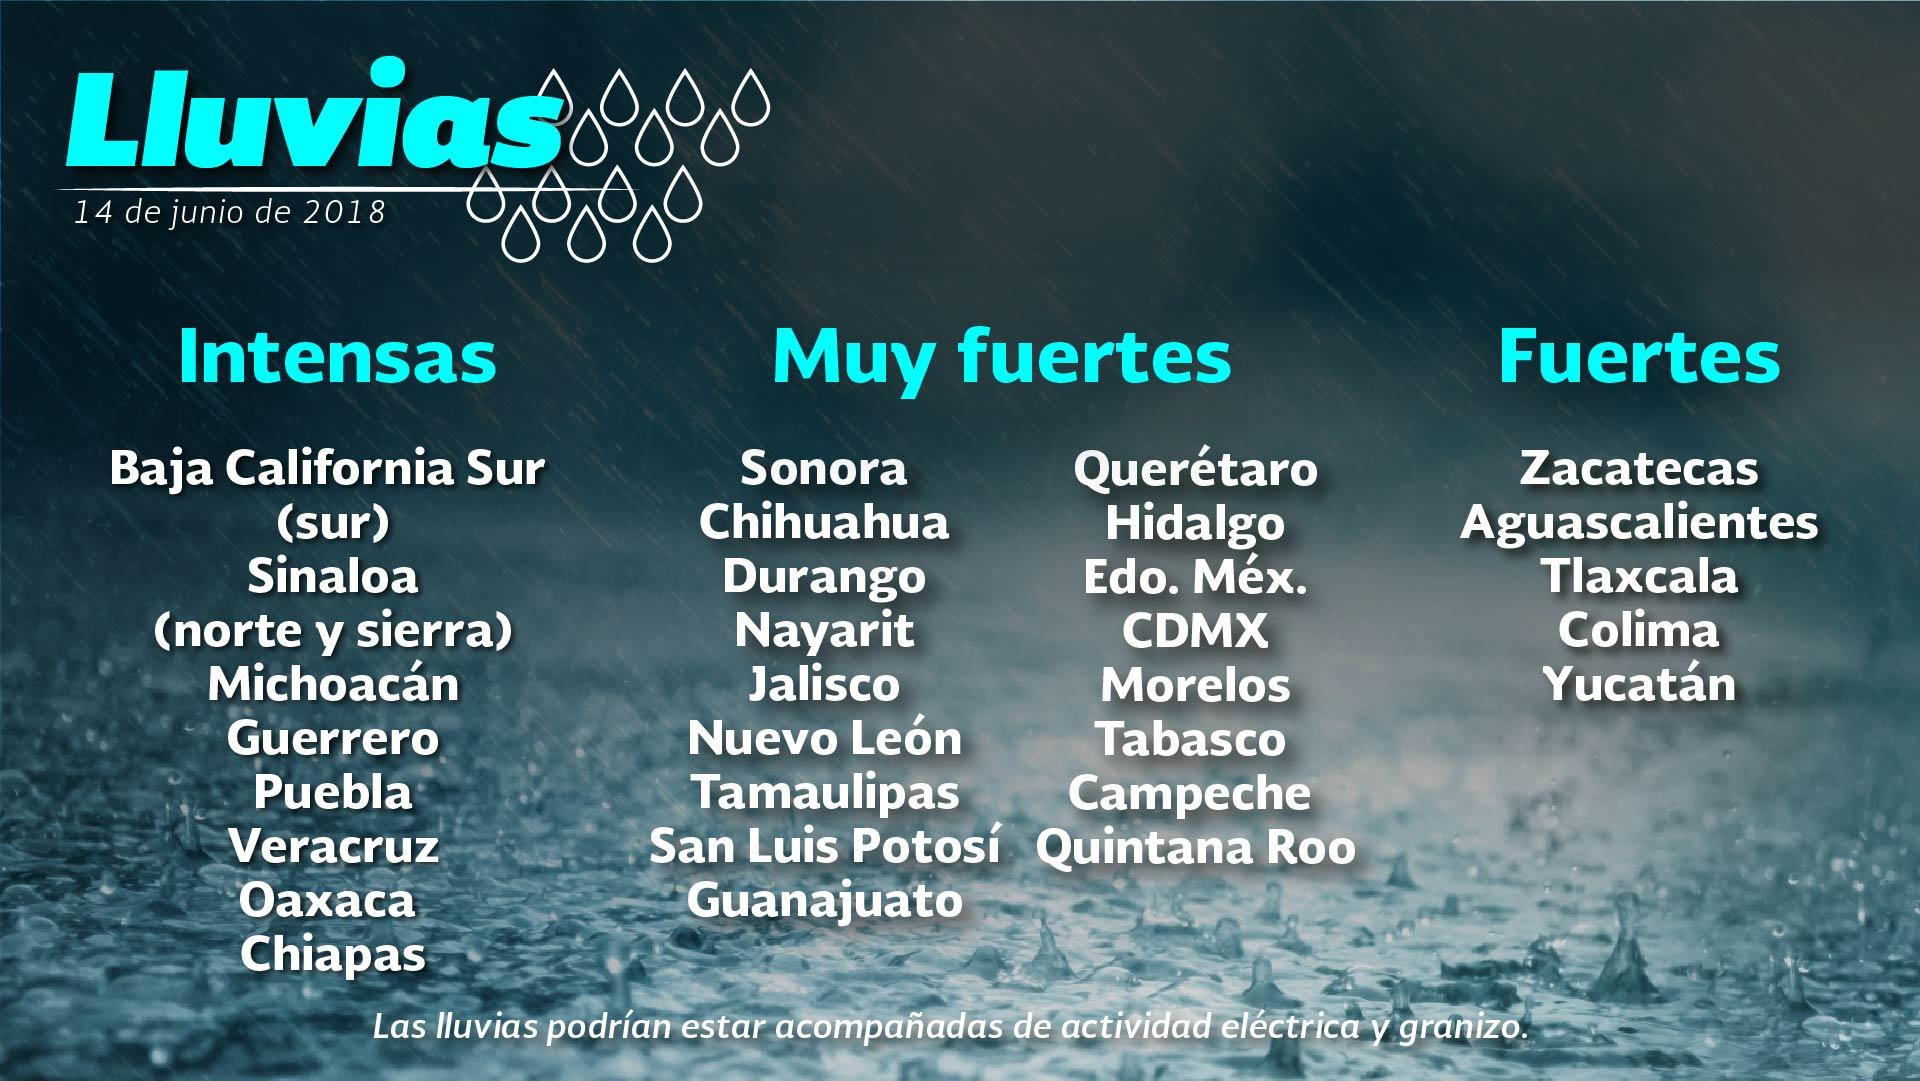 Persiste el pronóstico de intervalos de chubascos con tormentas fuertes para Tlaxcala